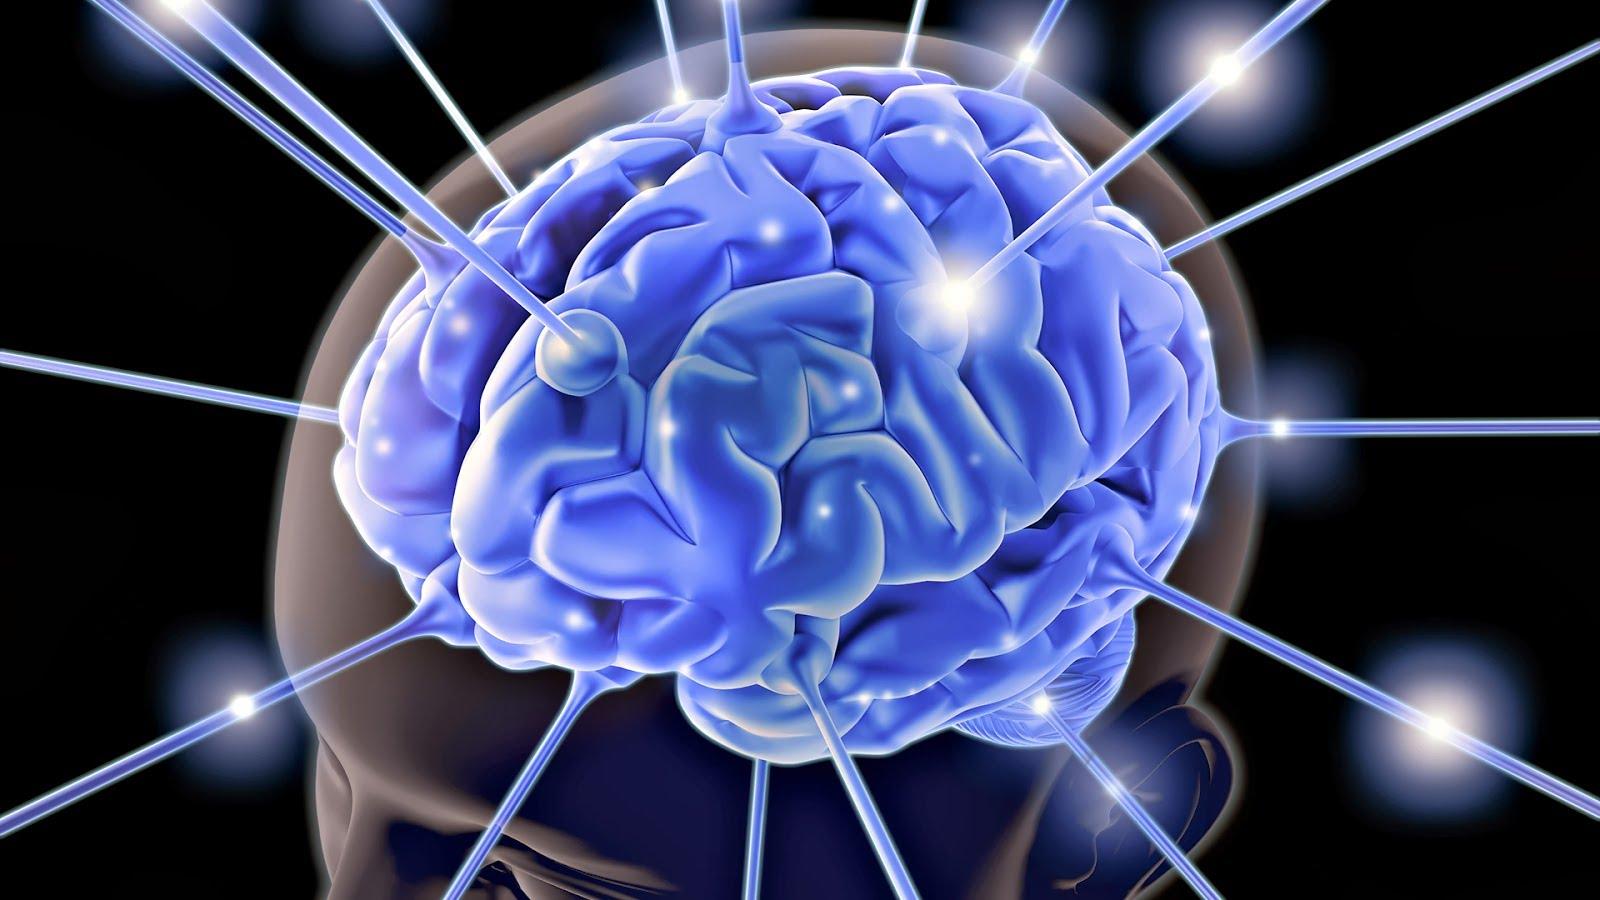 células cerebrais